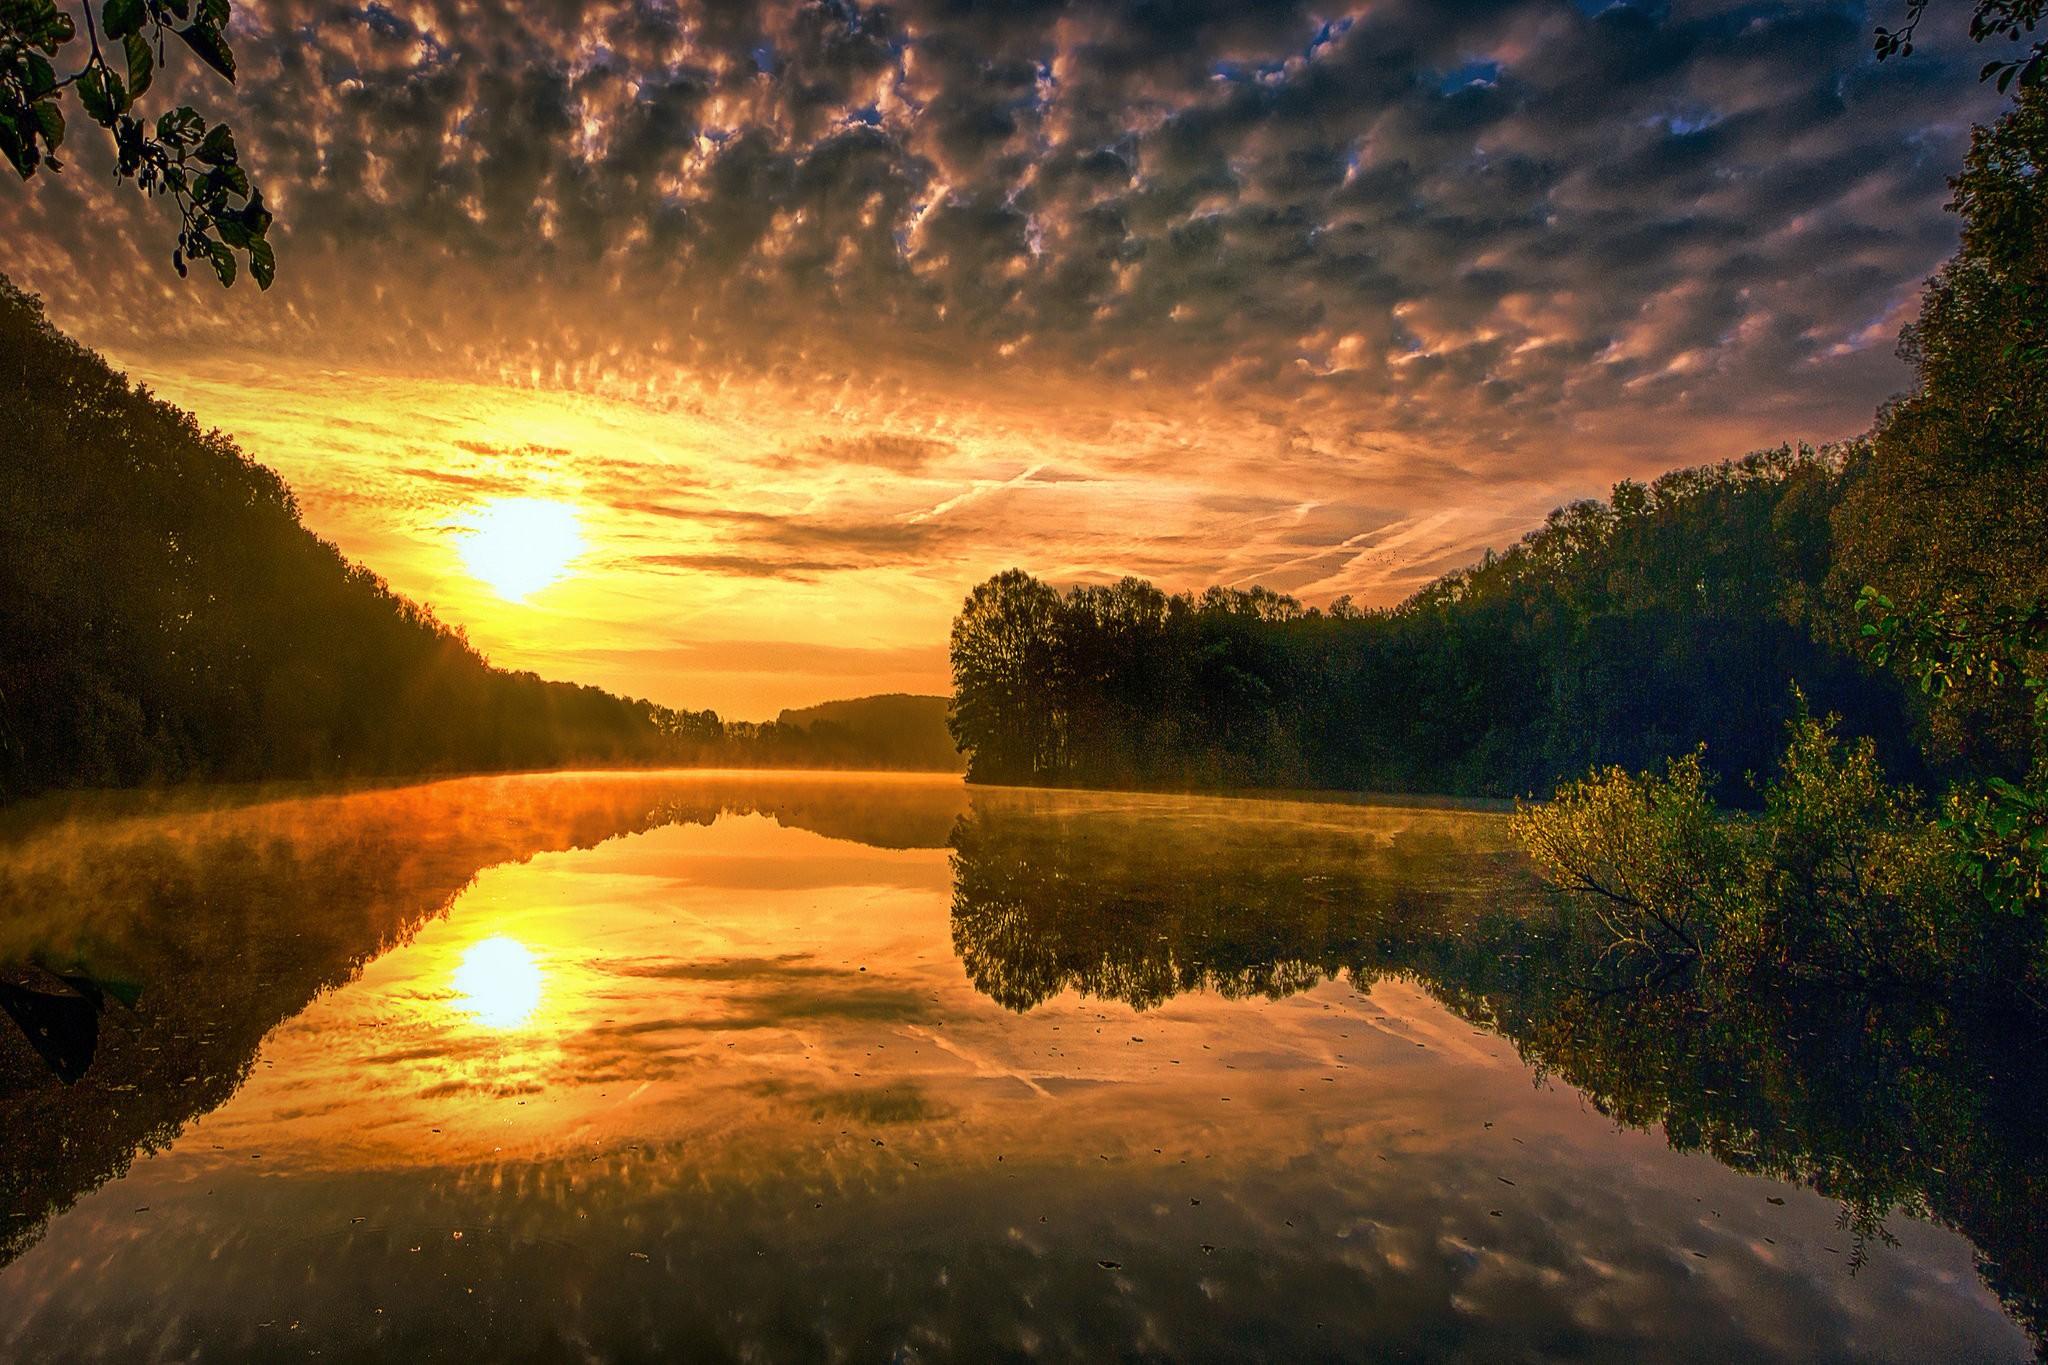 картинка солнечного вечера кисти позолоченные